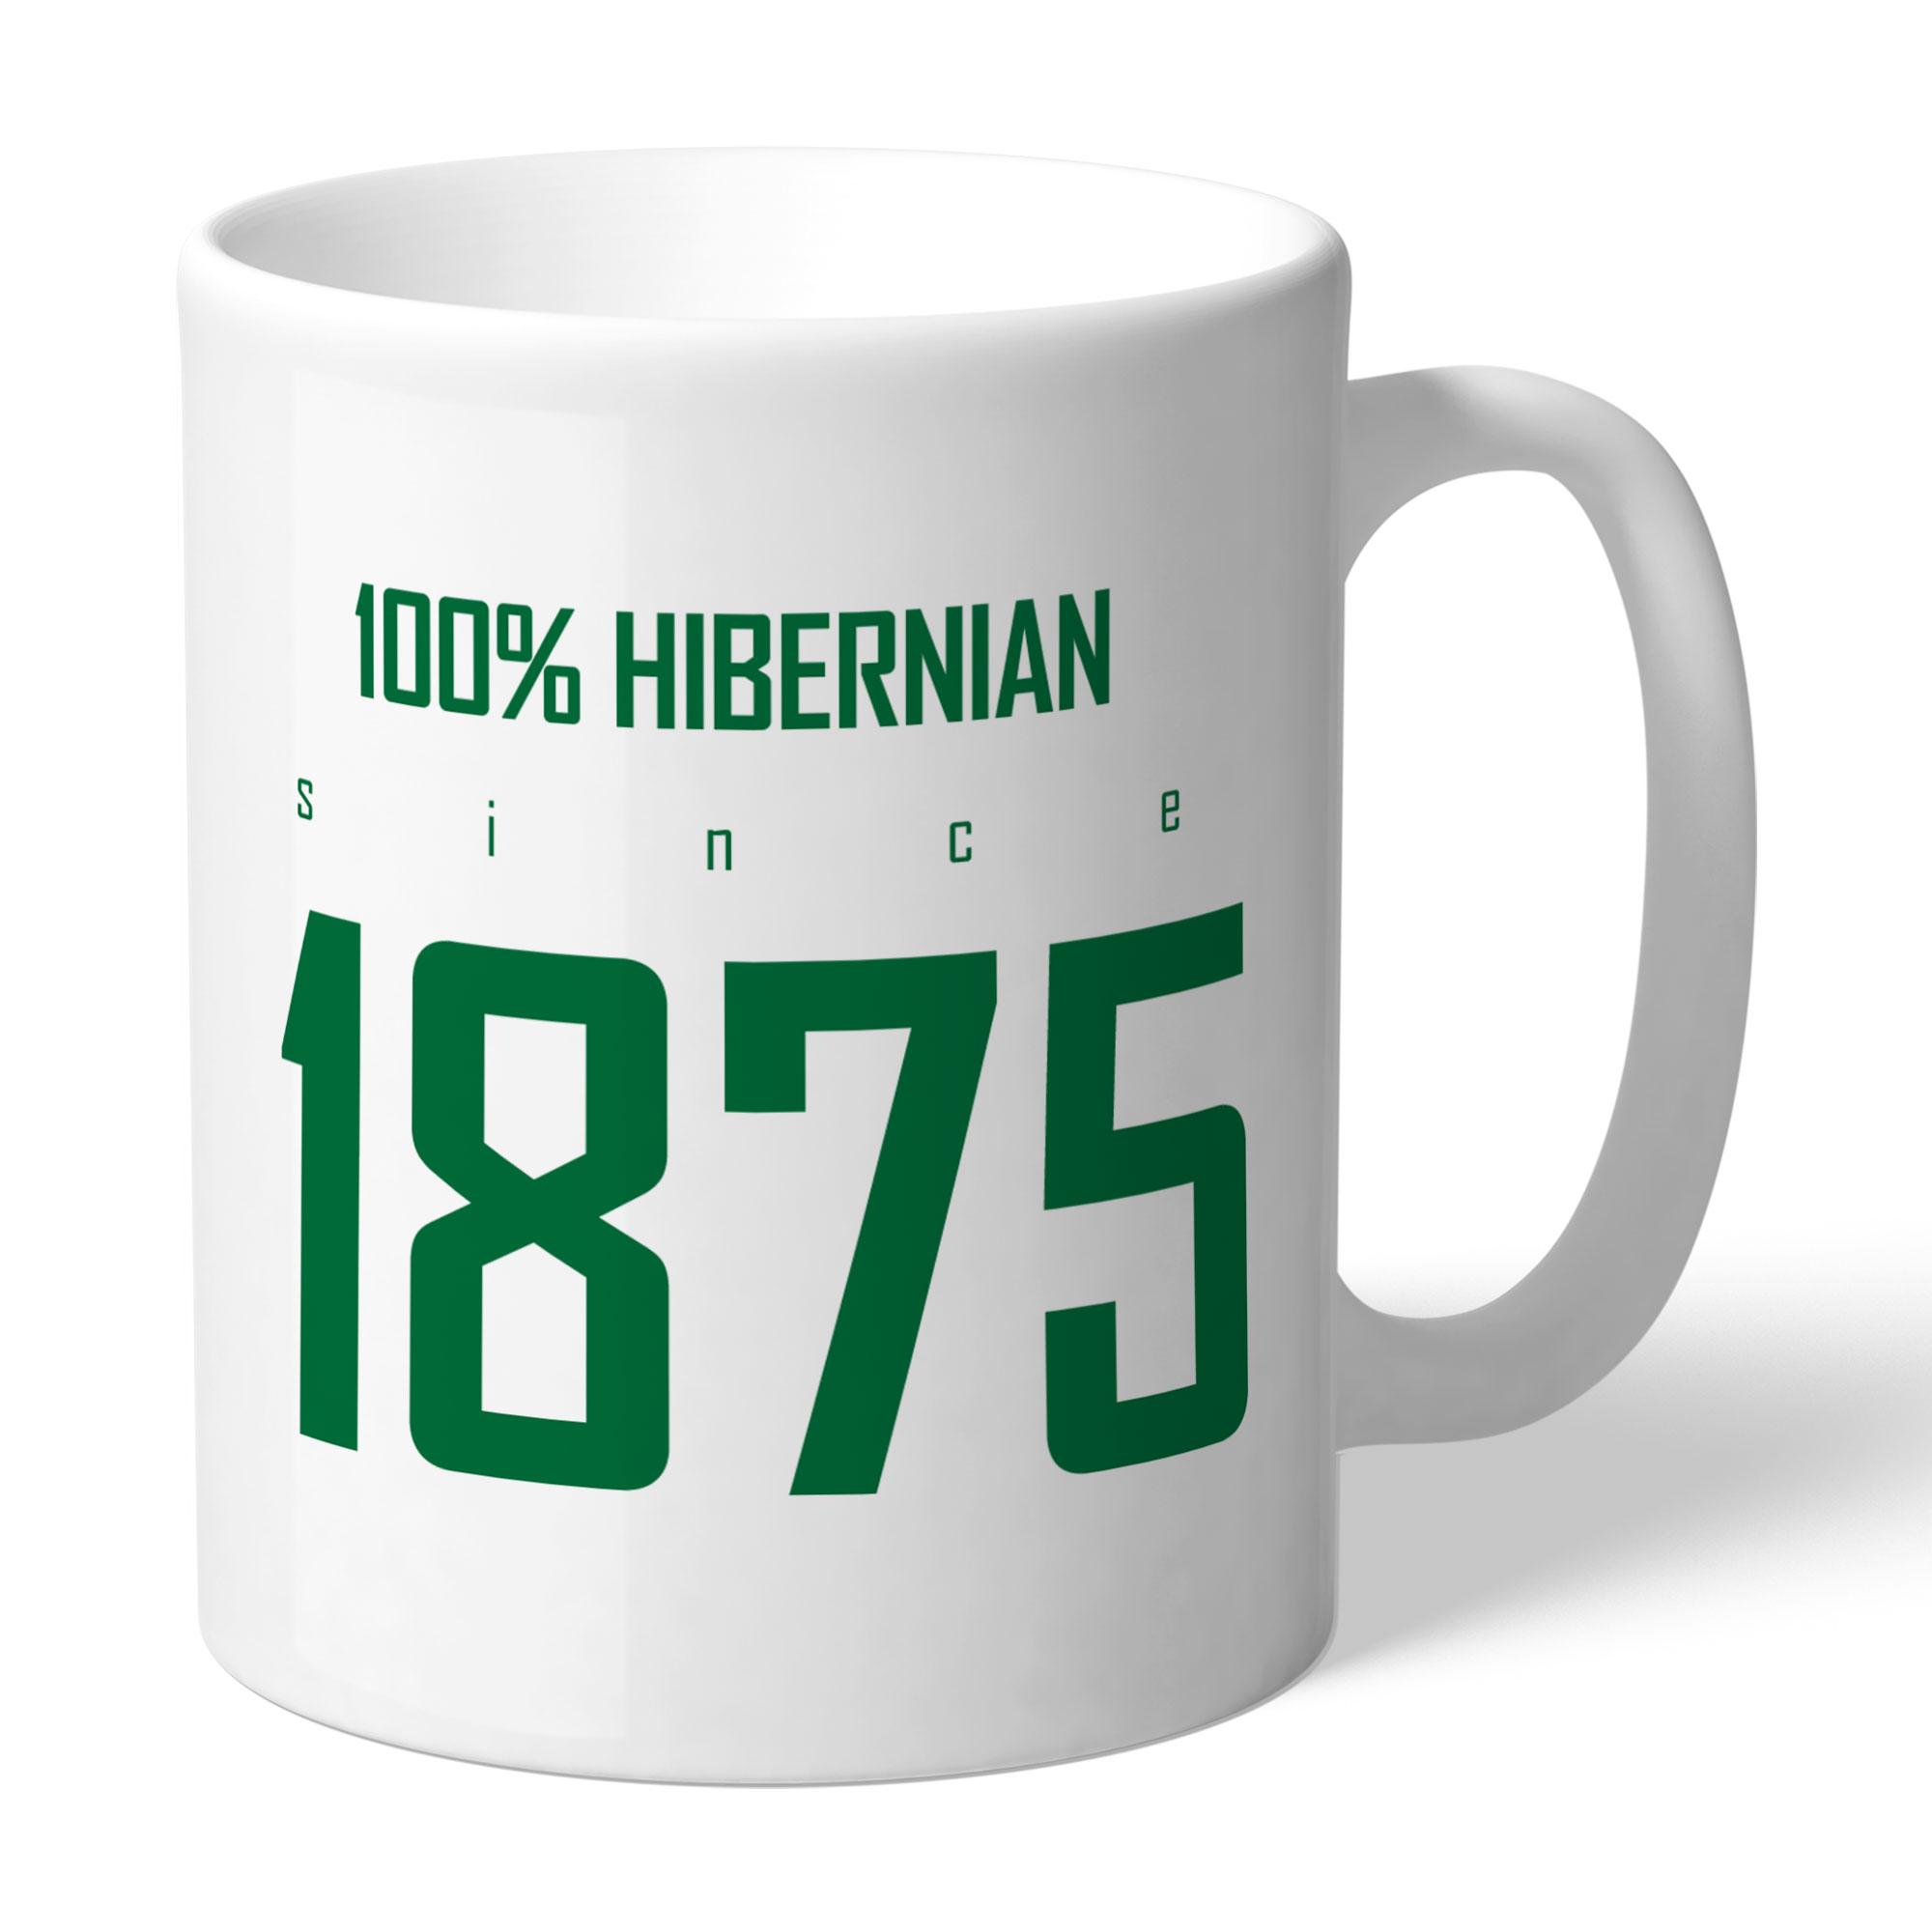 Hibernian FC 100 Percent Mug